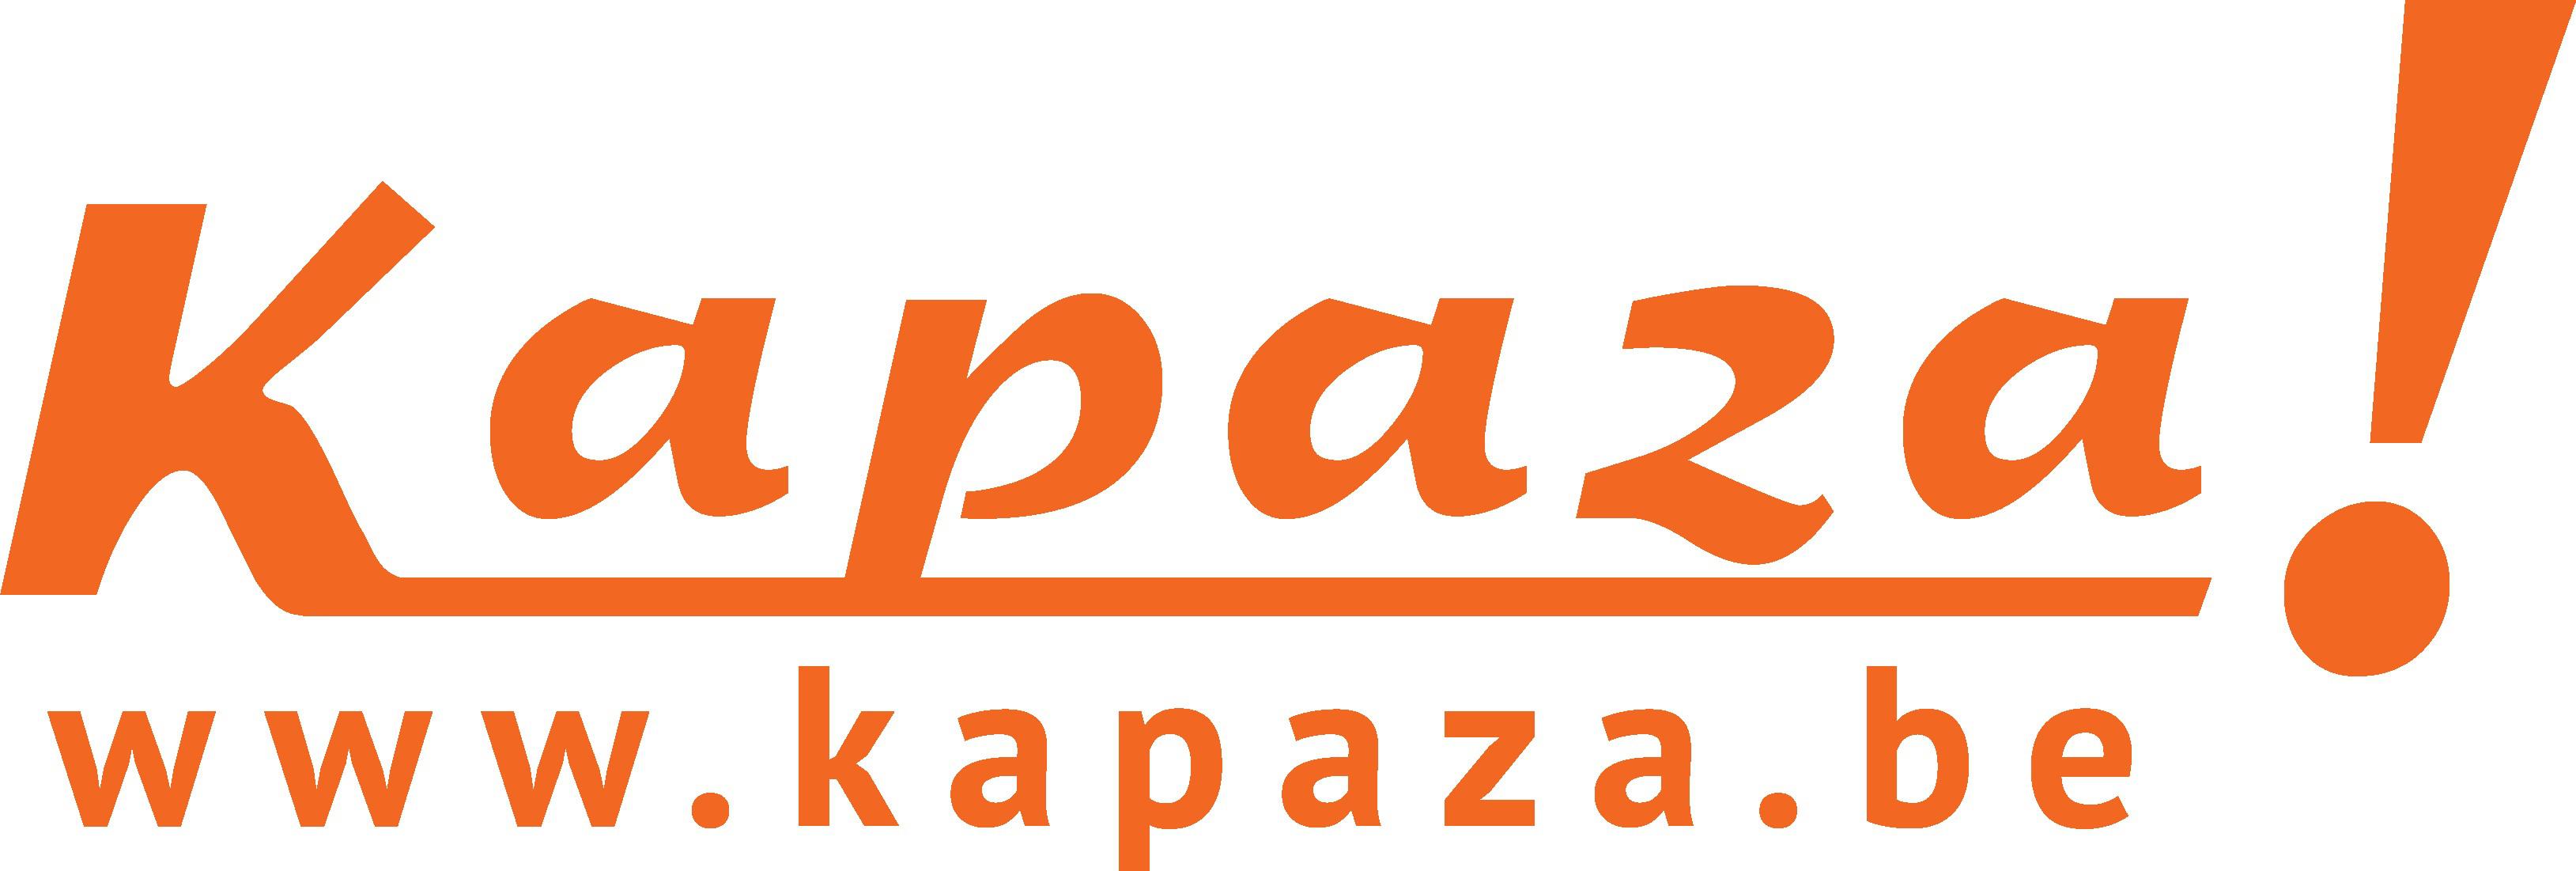 kapaza